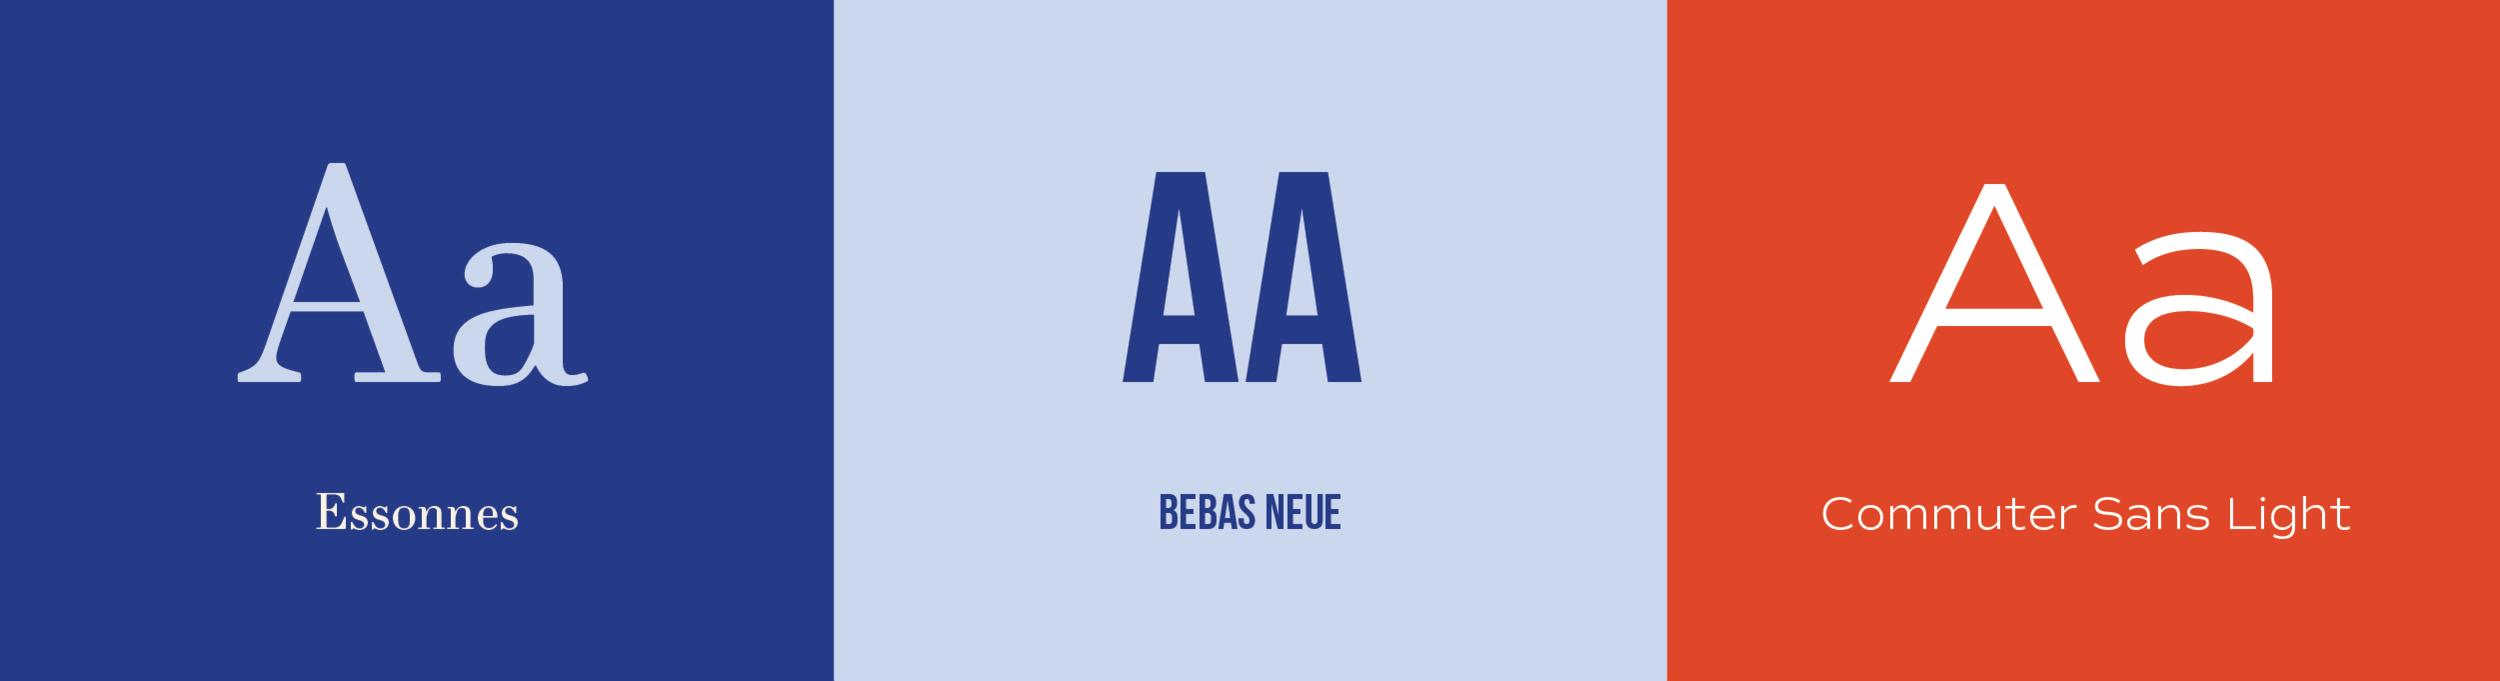 CaseStudyBrandBoard_HapnerHart_Template_Typography.png